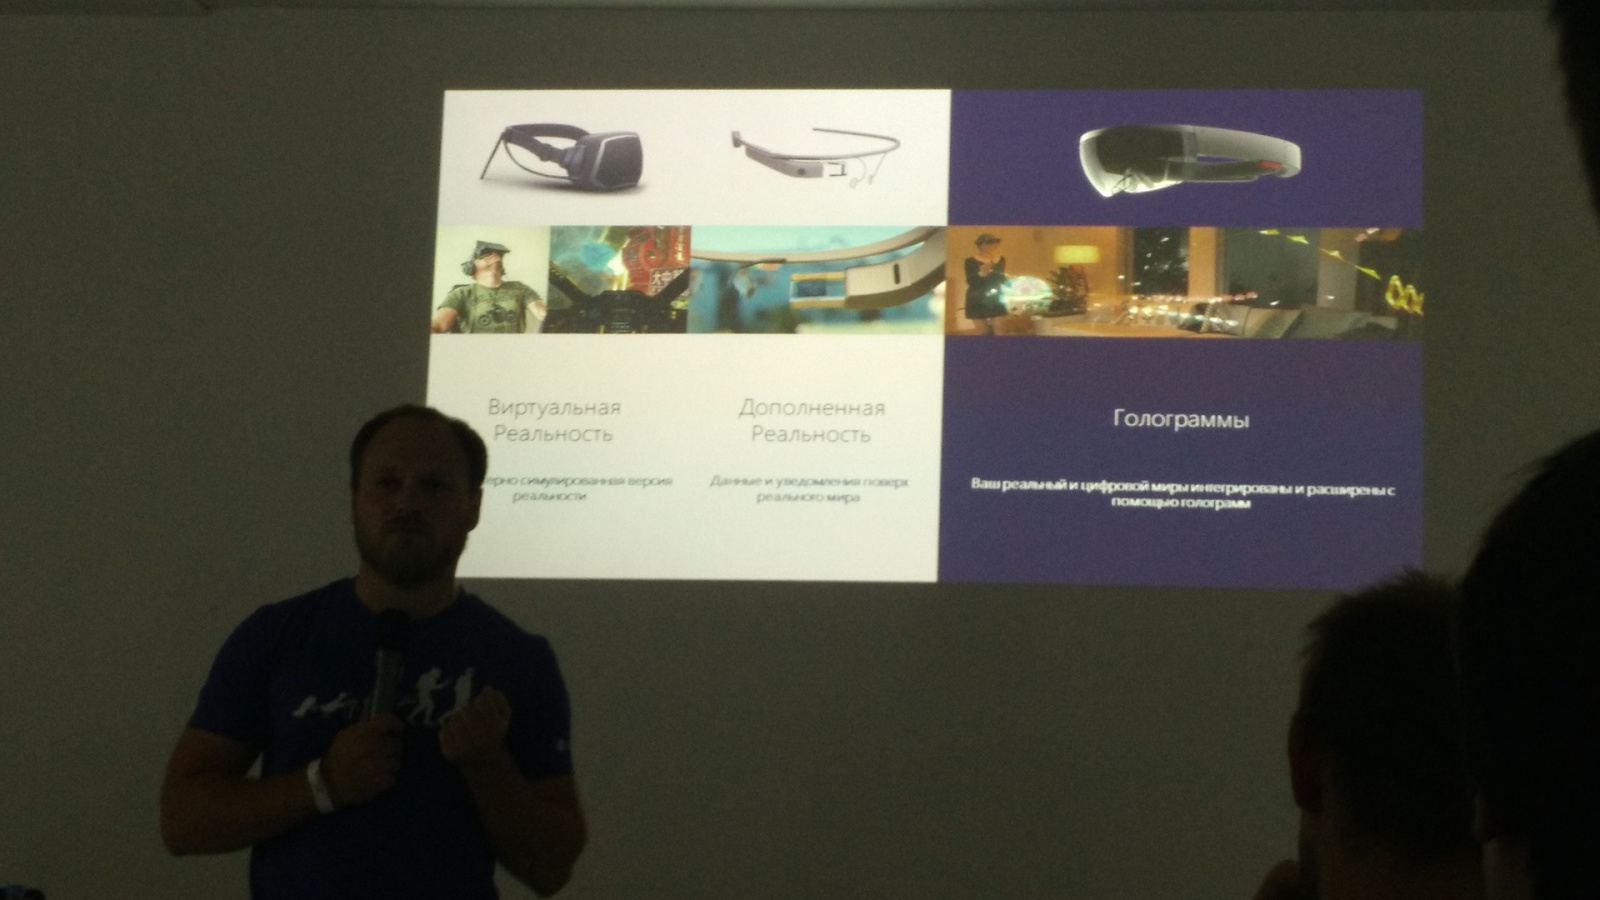 Репортаж с mixAR2015: Технологии AR&VR - 20